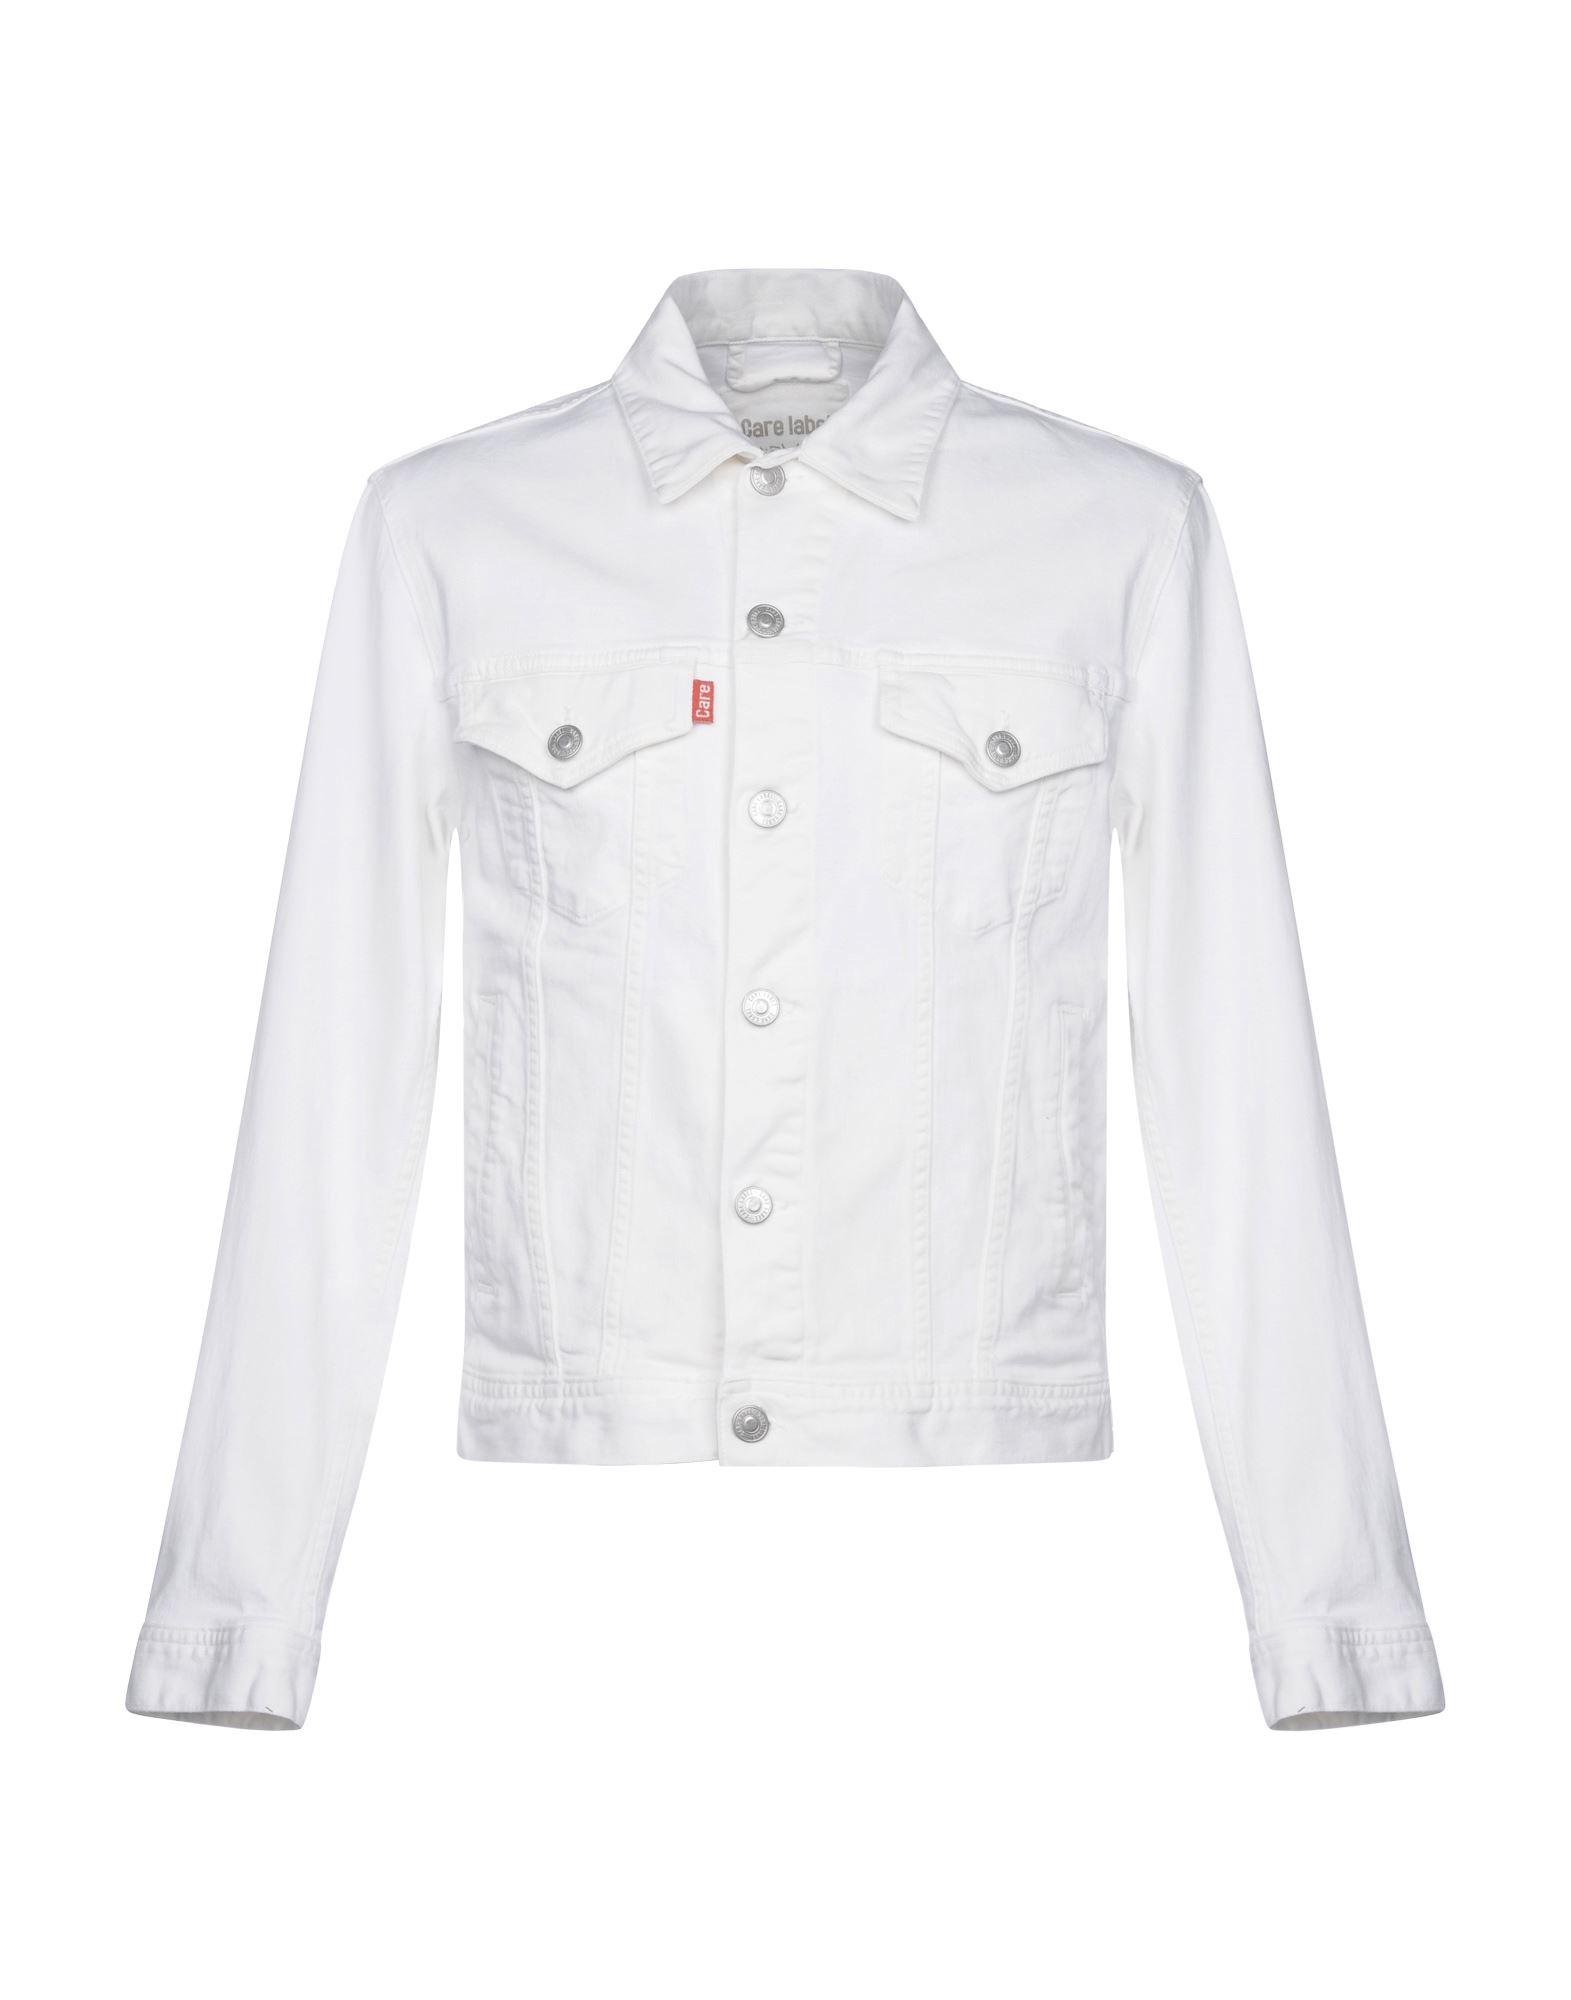 CARE LABEL Denim Jacket in White